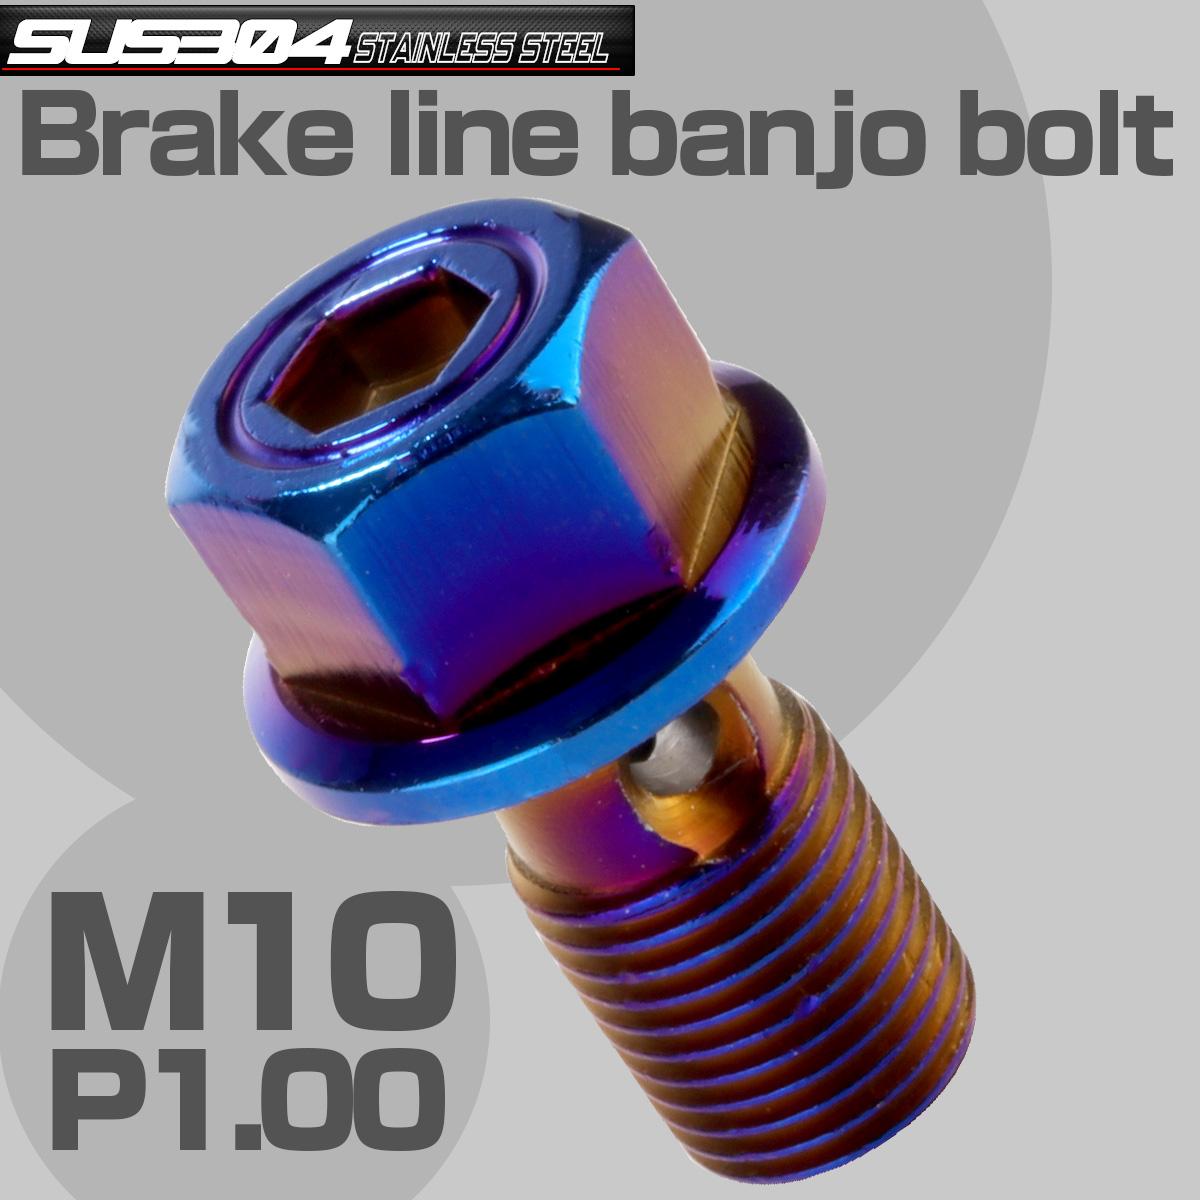 ブレーキ バンジョーボルト M10 P1.00 SUS304 ステンレス製 六角穴付き 焼きチタン TH0219